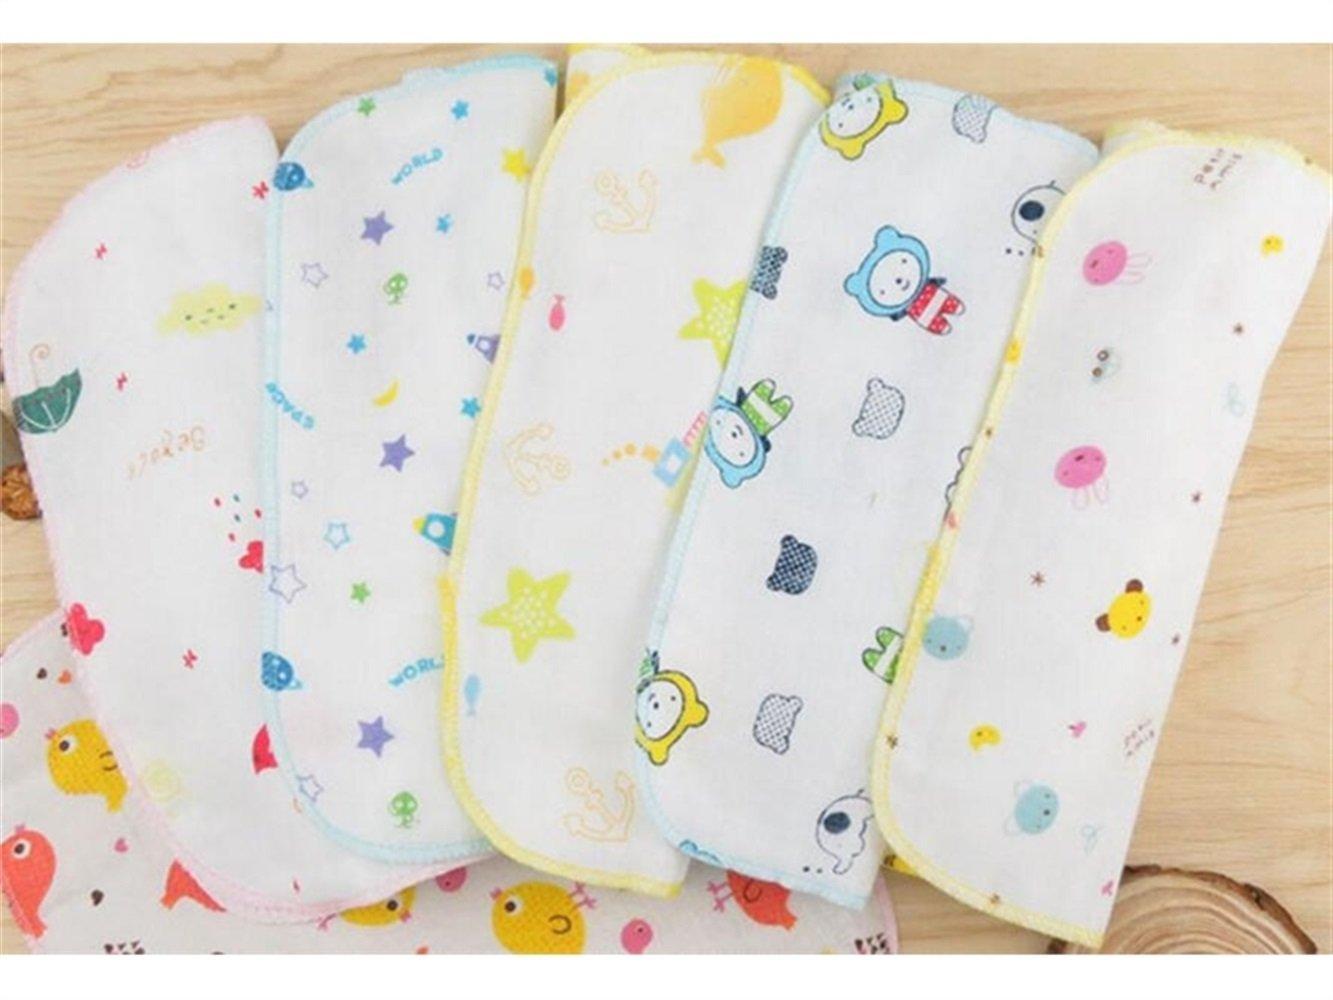 PanpA Suave 3 Unids Impreso Toalla Cuadrada Sudor Absorbente Wicking Toalla de Gasa toalla Toalla de Baño para Bebés y Niños